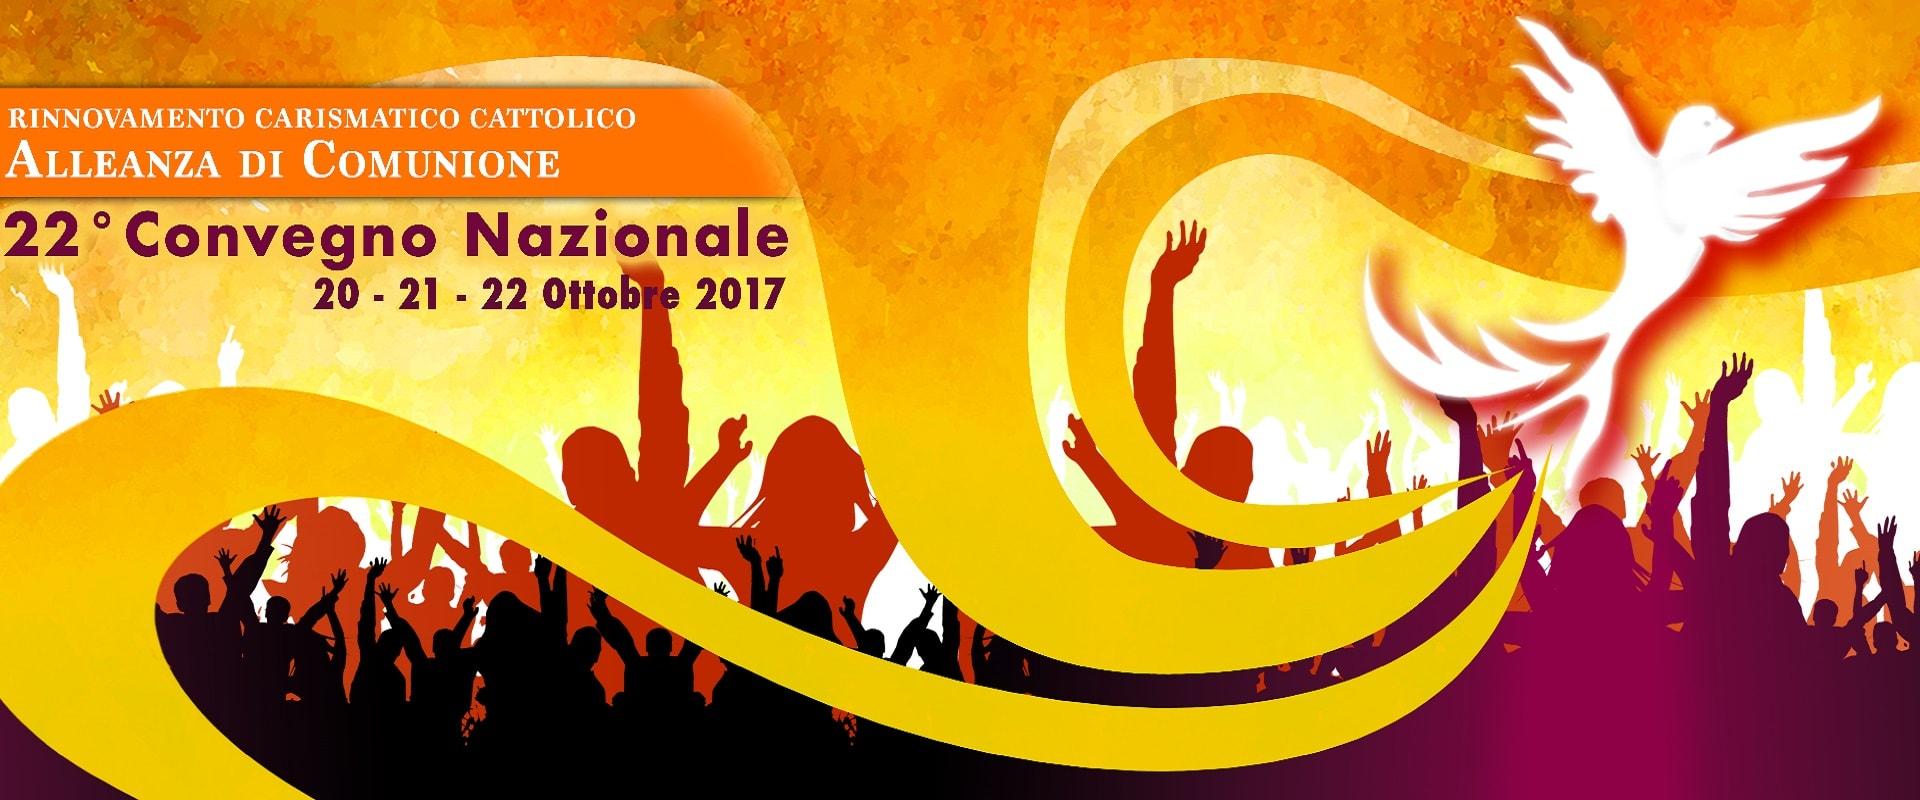 22° Convegno Nazionale – Ottobre 2017